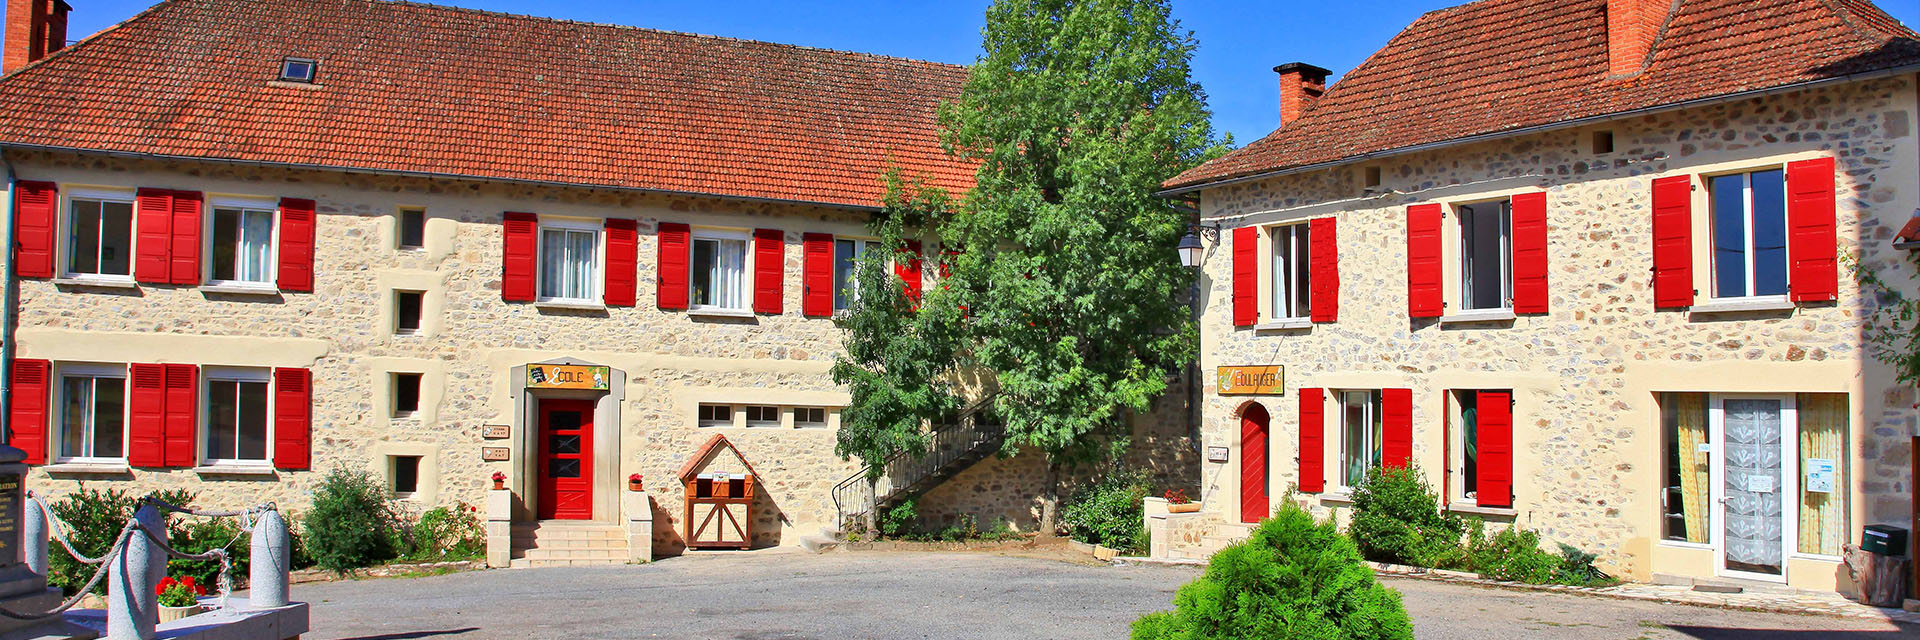 Village_club_vacances_périgord-quercy-terrou-village-vue